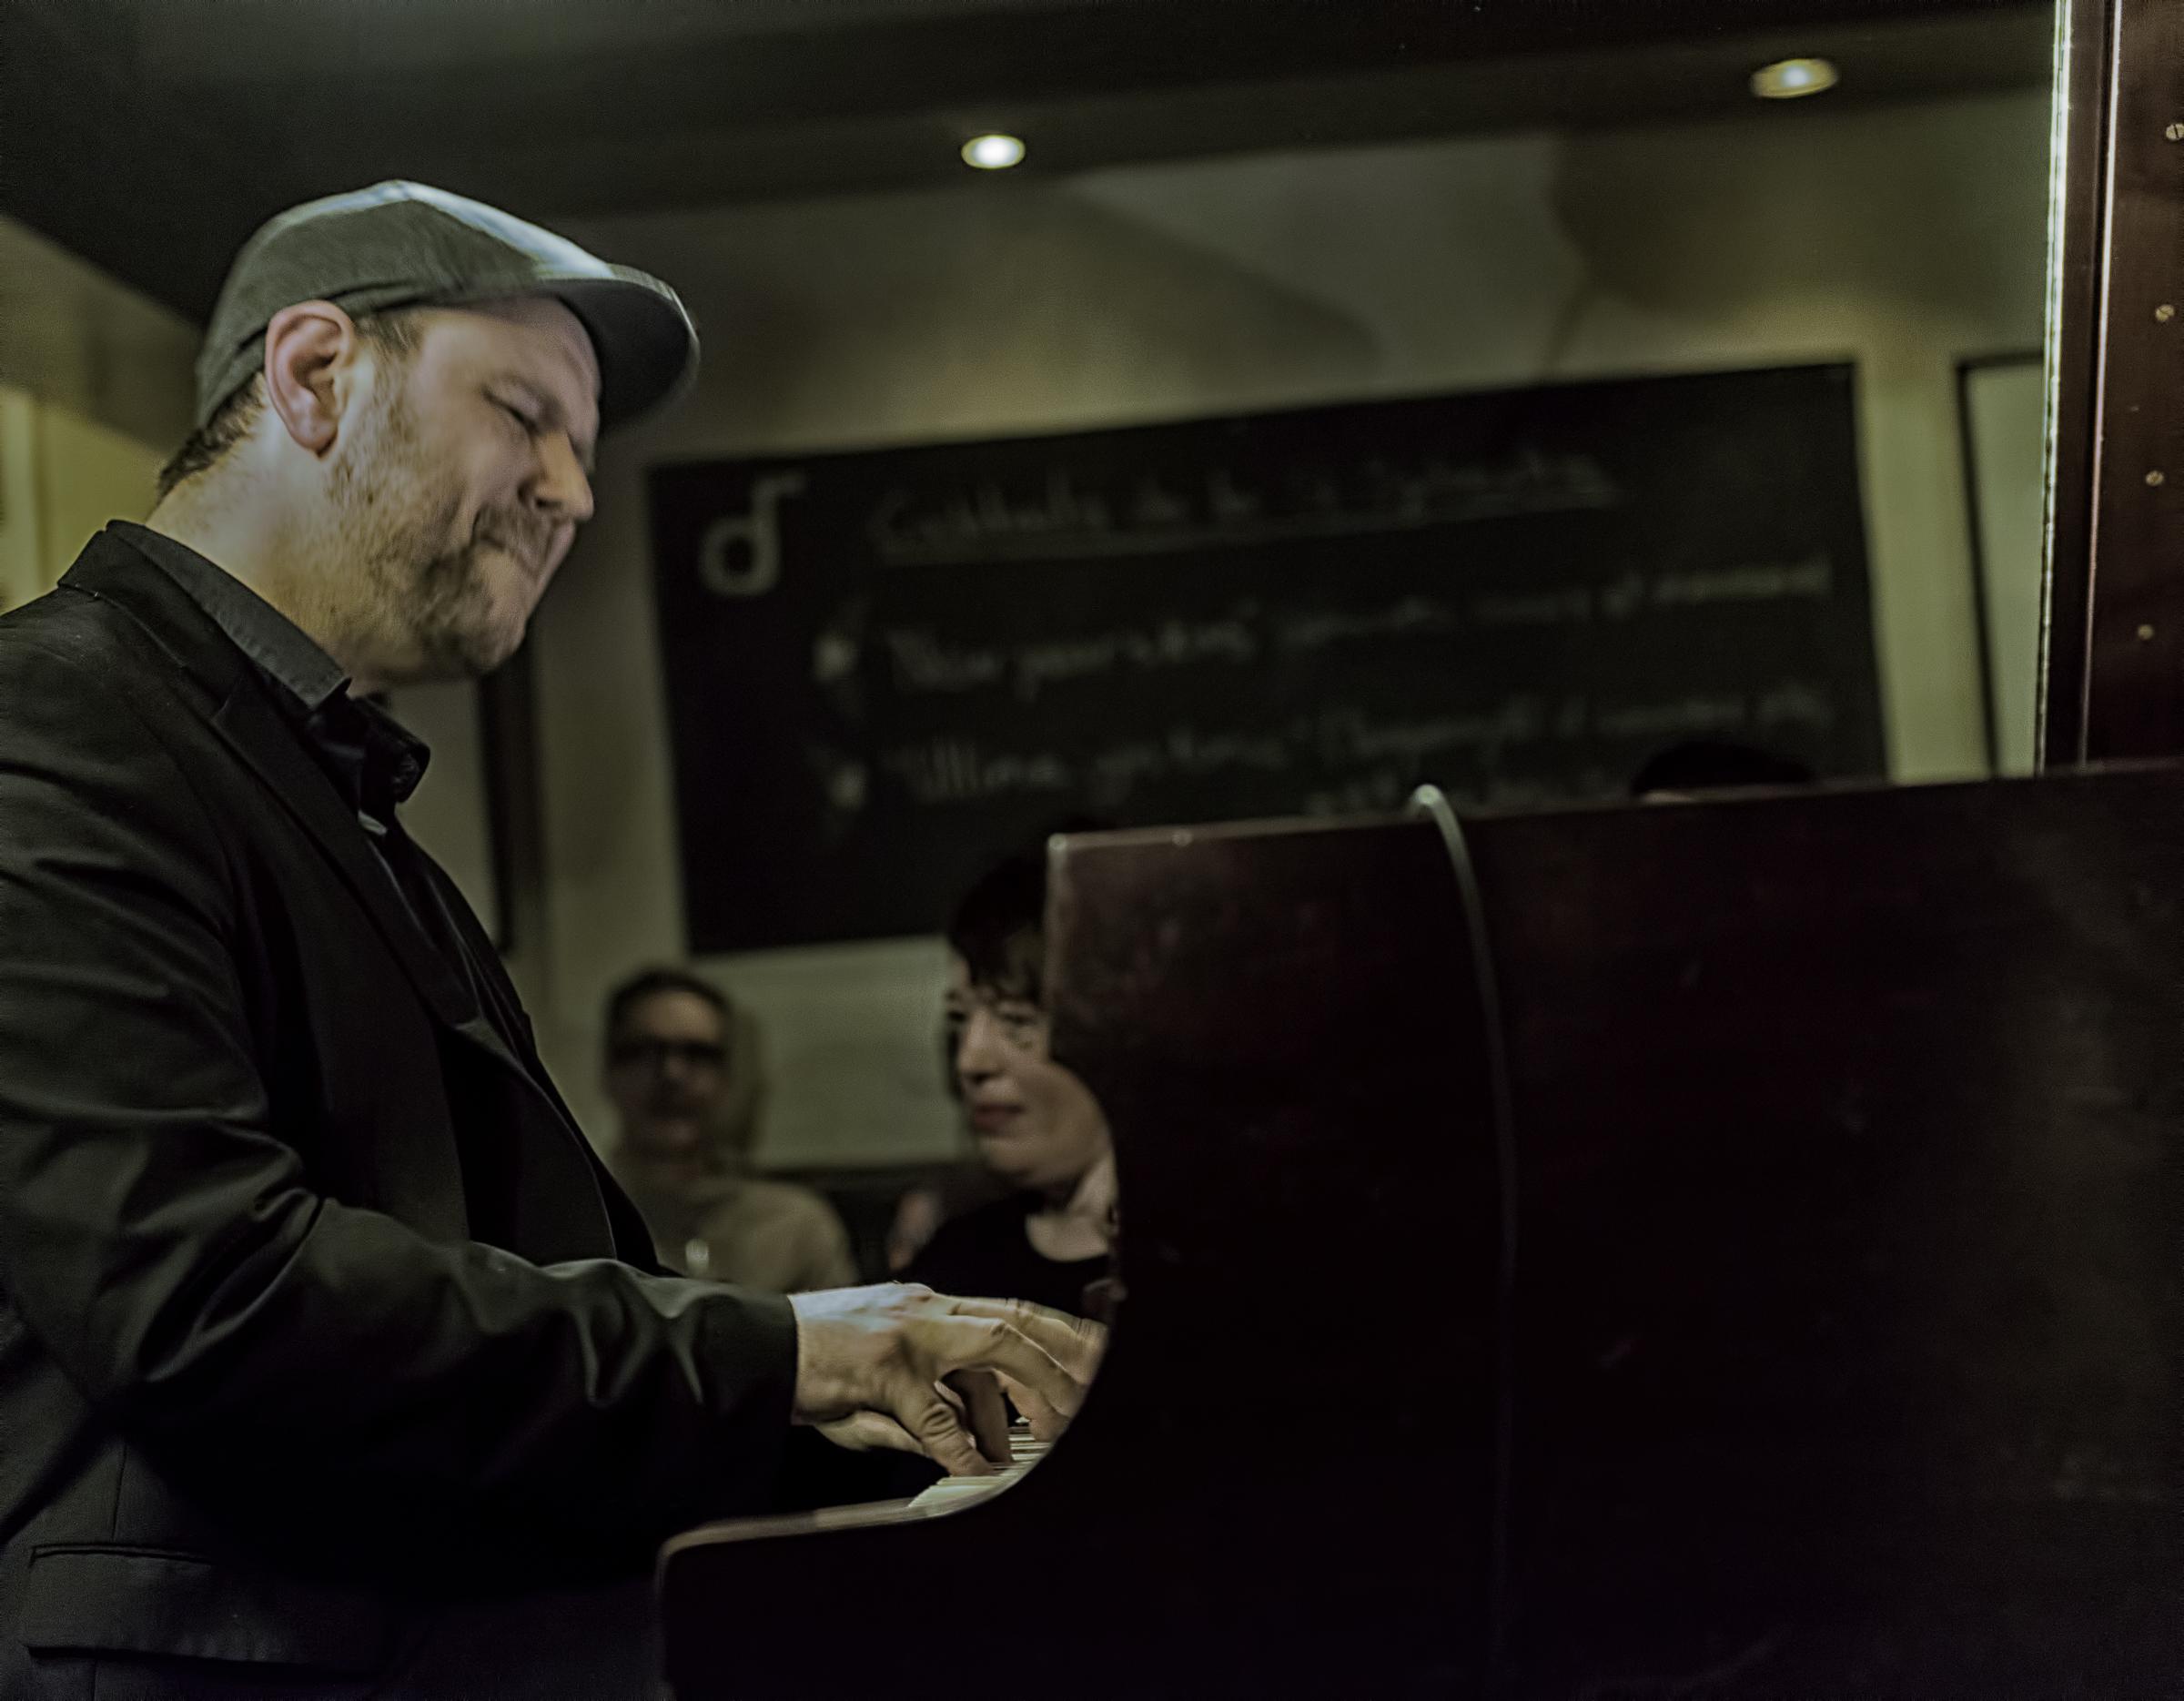 Paul Shrofel with Al McLean at Diese Onze in Montreal